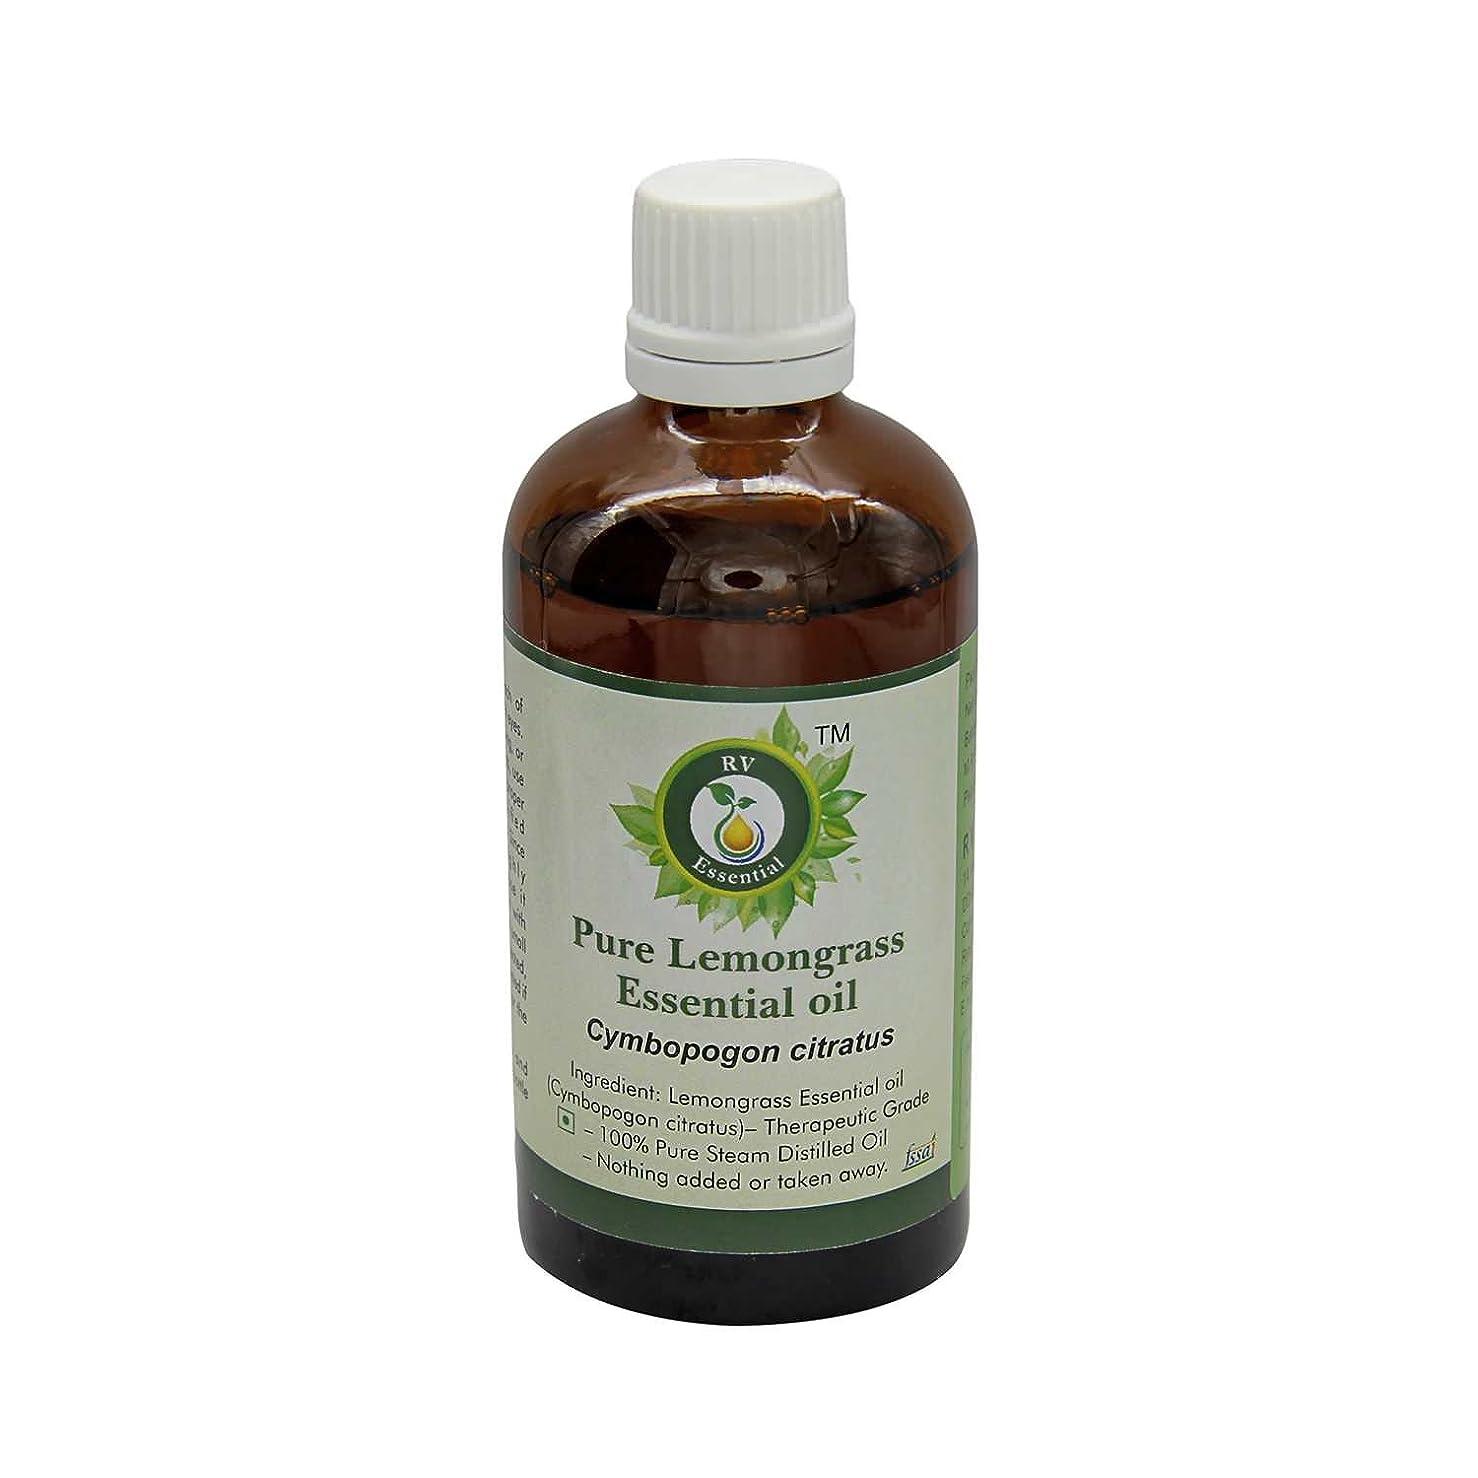 魚改善するきしむR V Essential ピュアレモングラスエッセンシャルオイル100ml (3.38oz)- Cymbopogon Citratus (100%純粋&天然スチームDistilled) Pure Lemongrass Essential Oil